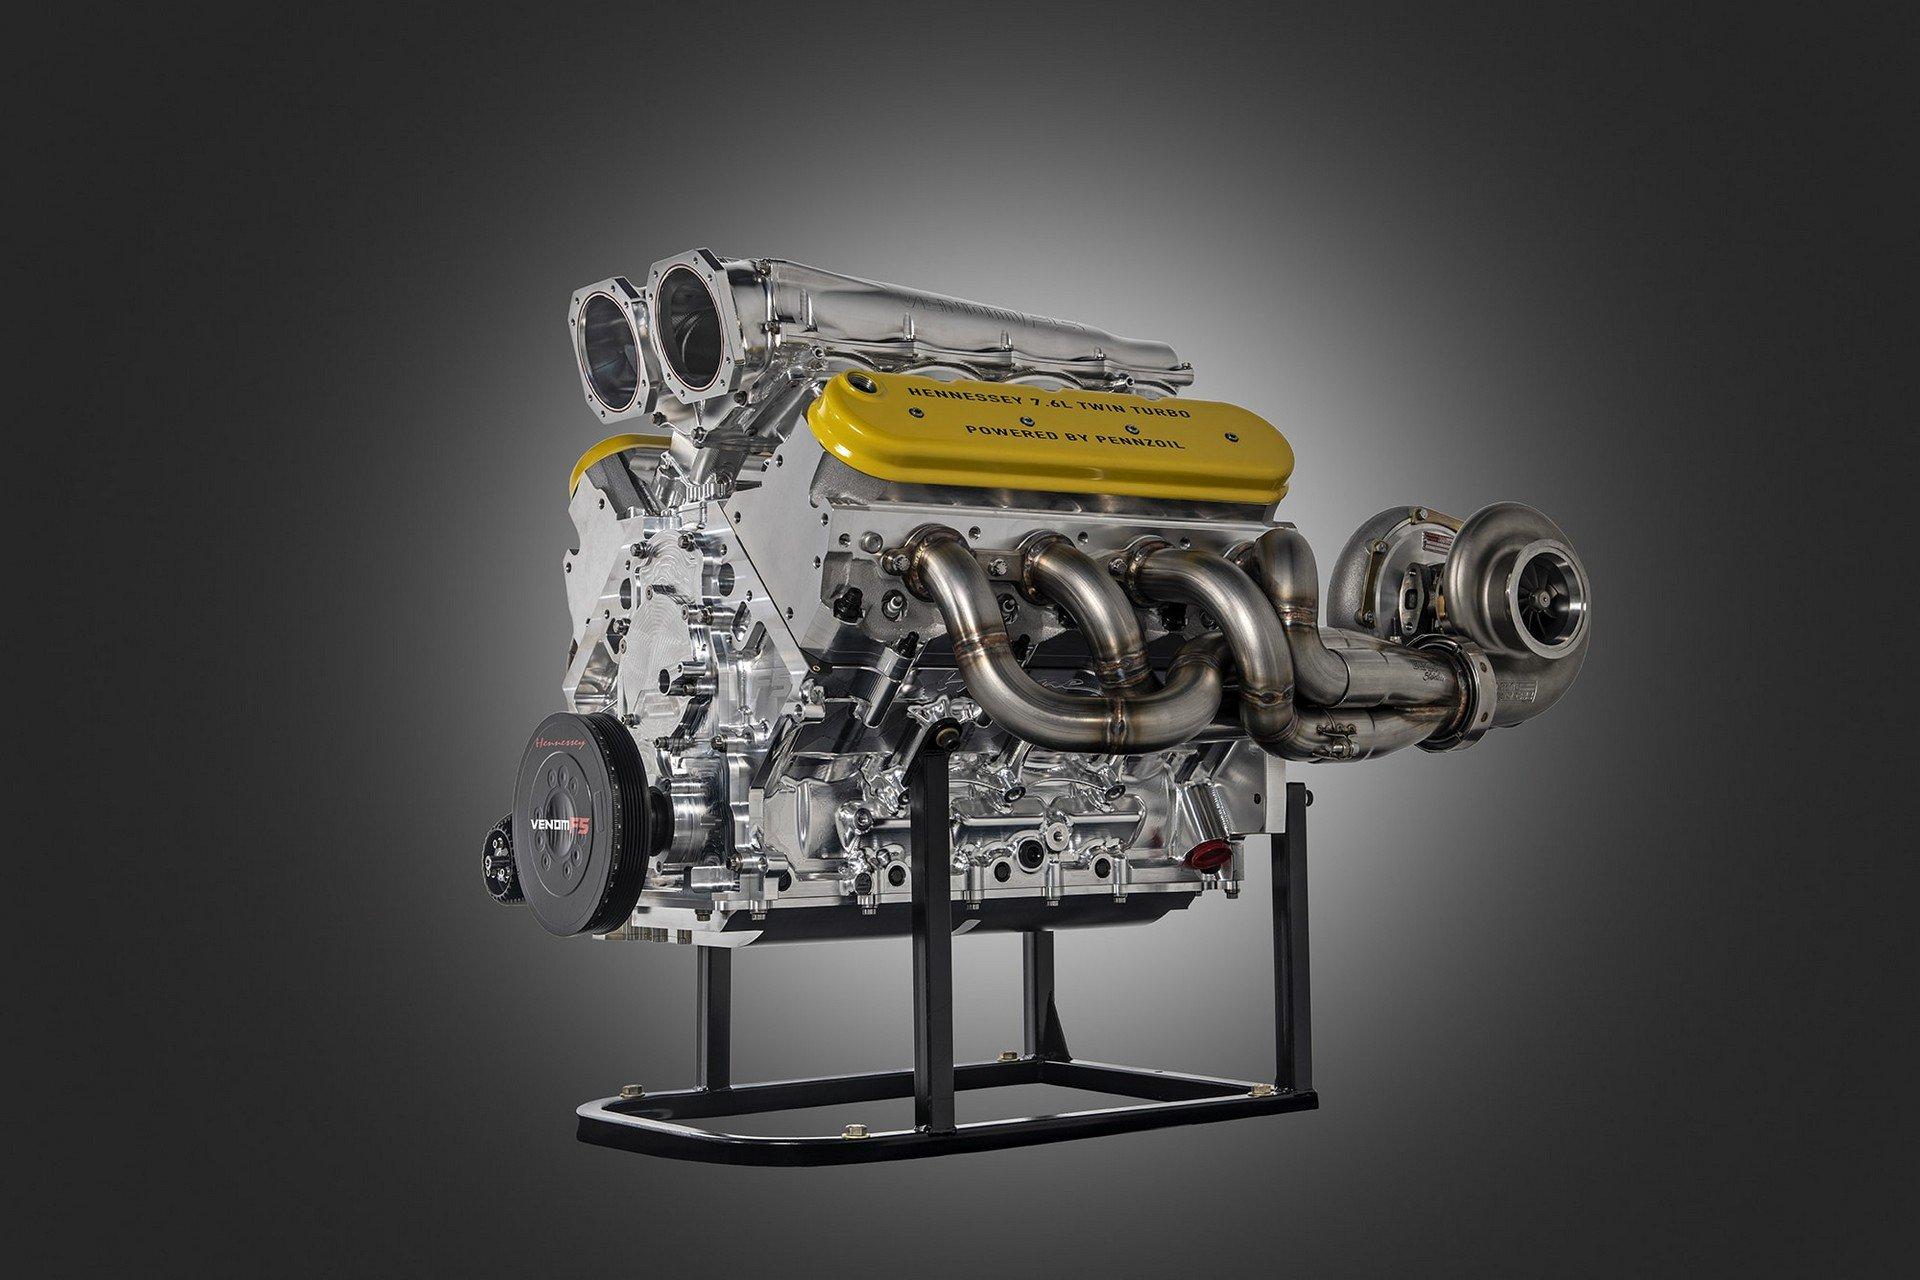 Hennessy Venom F5 engine